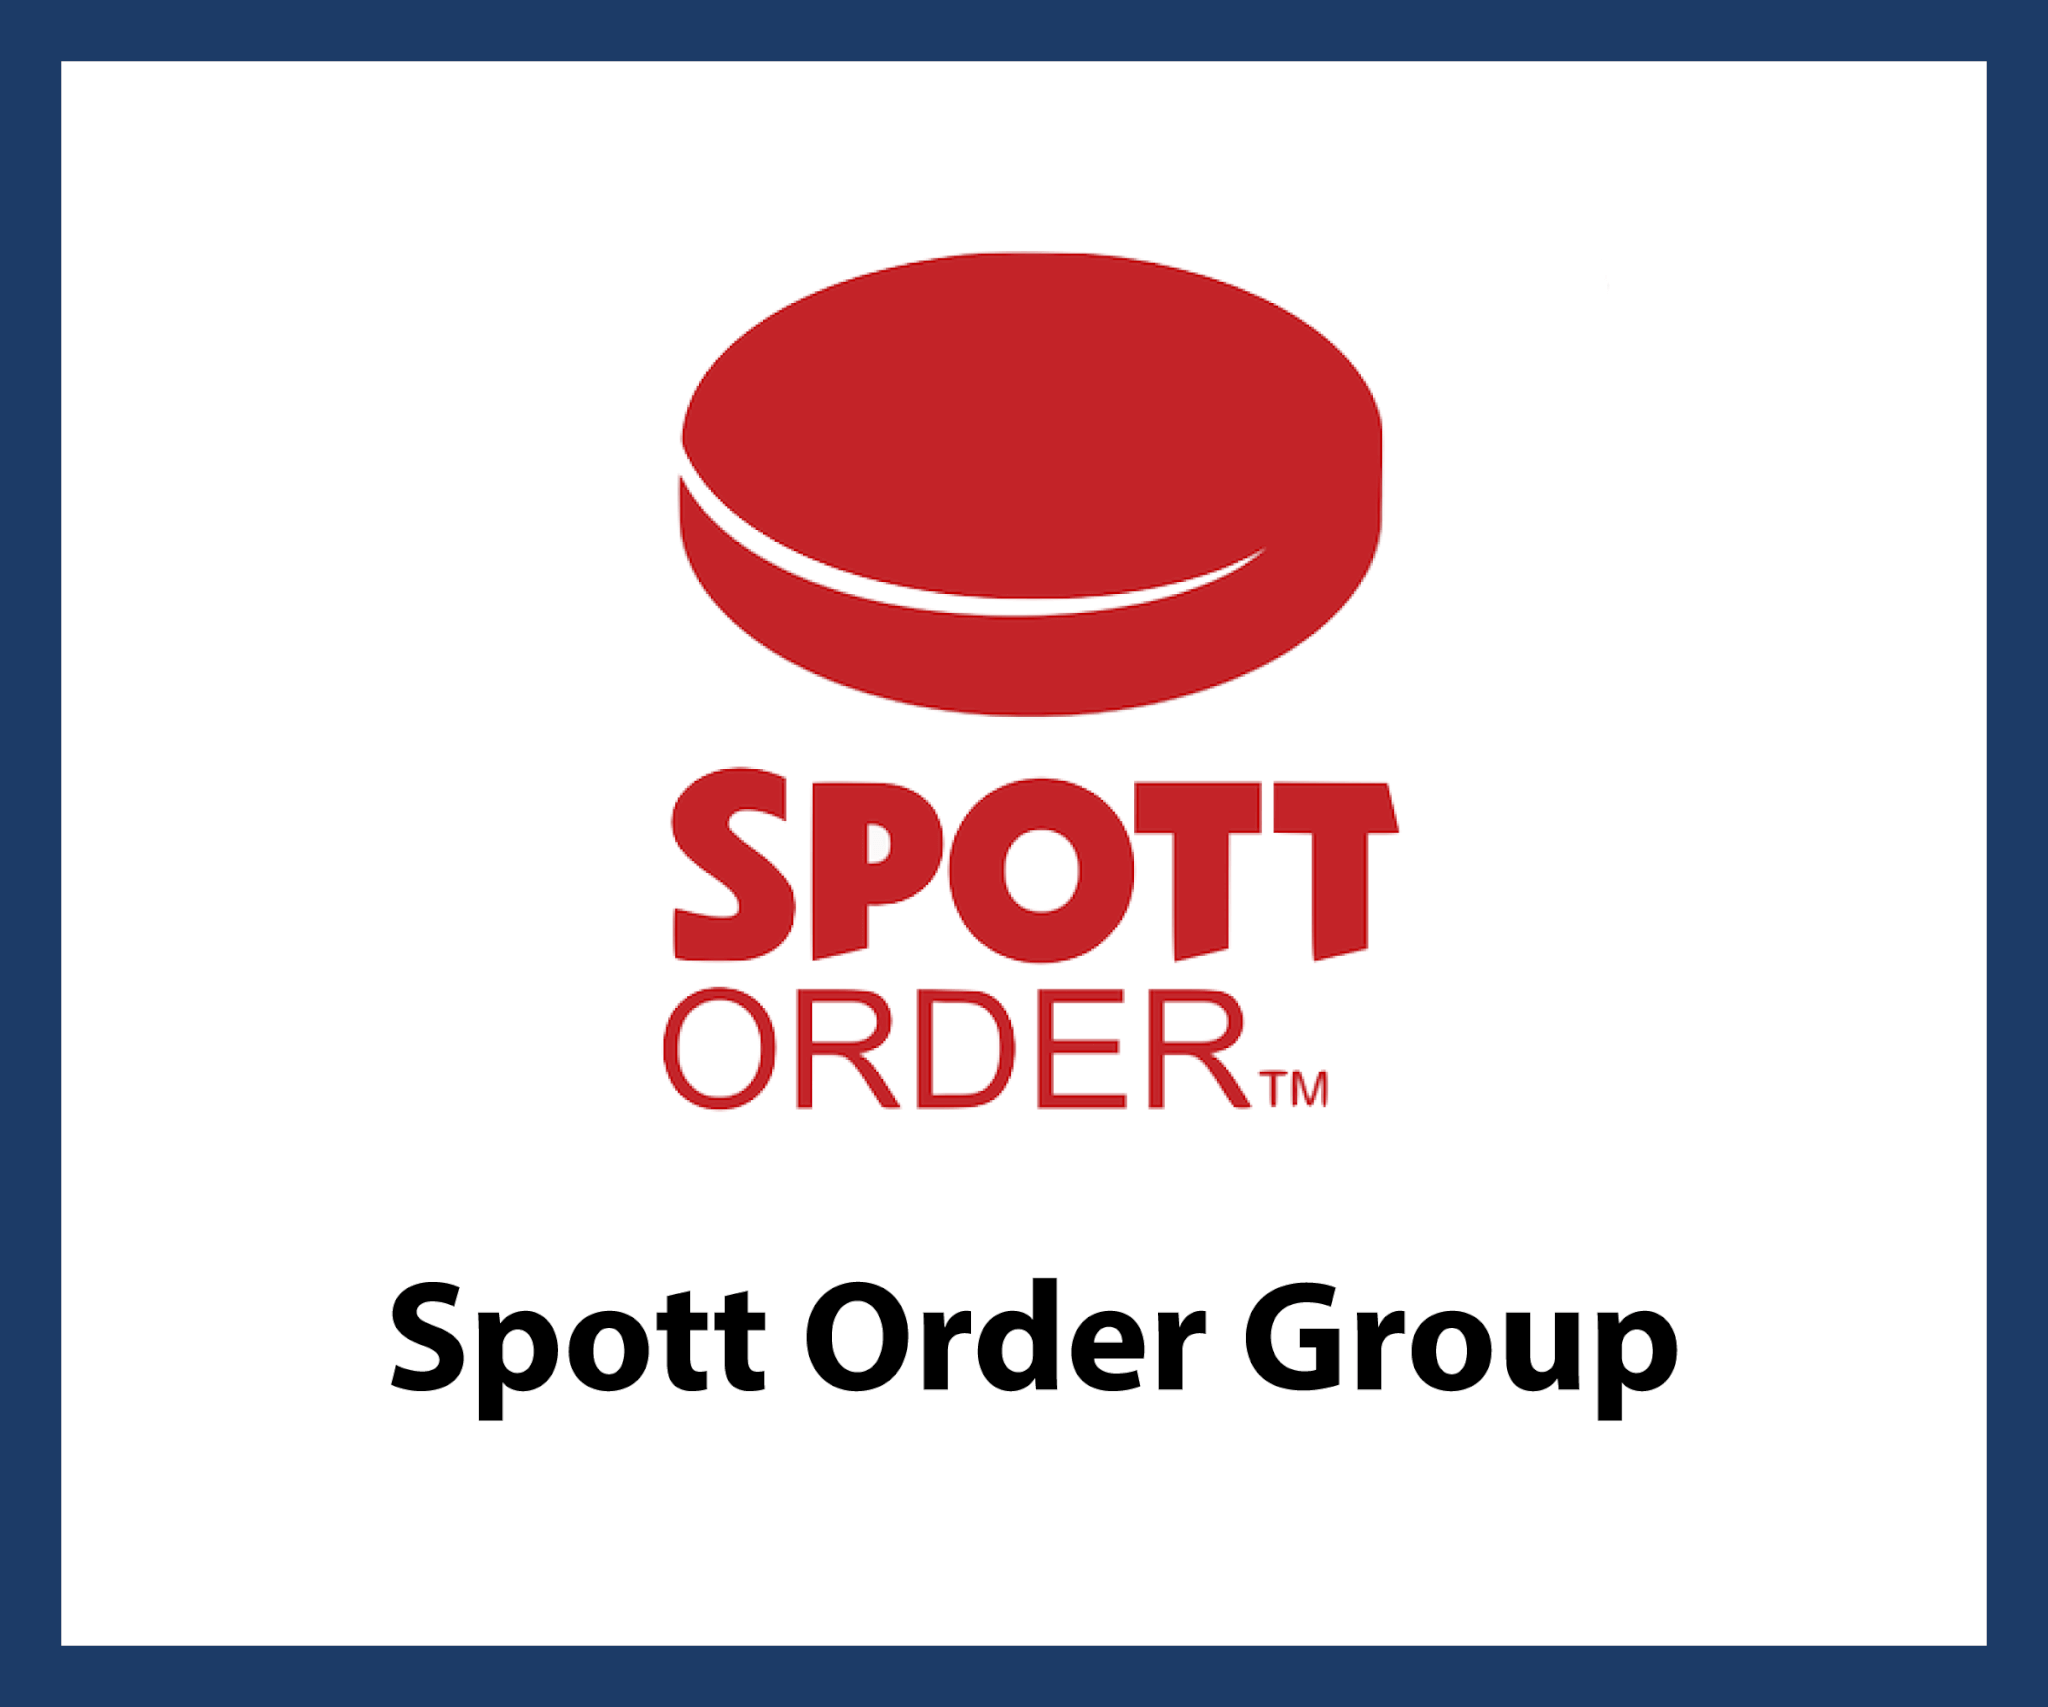 Spott Order Group